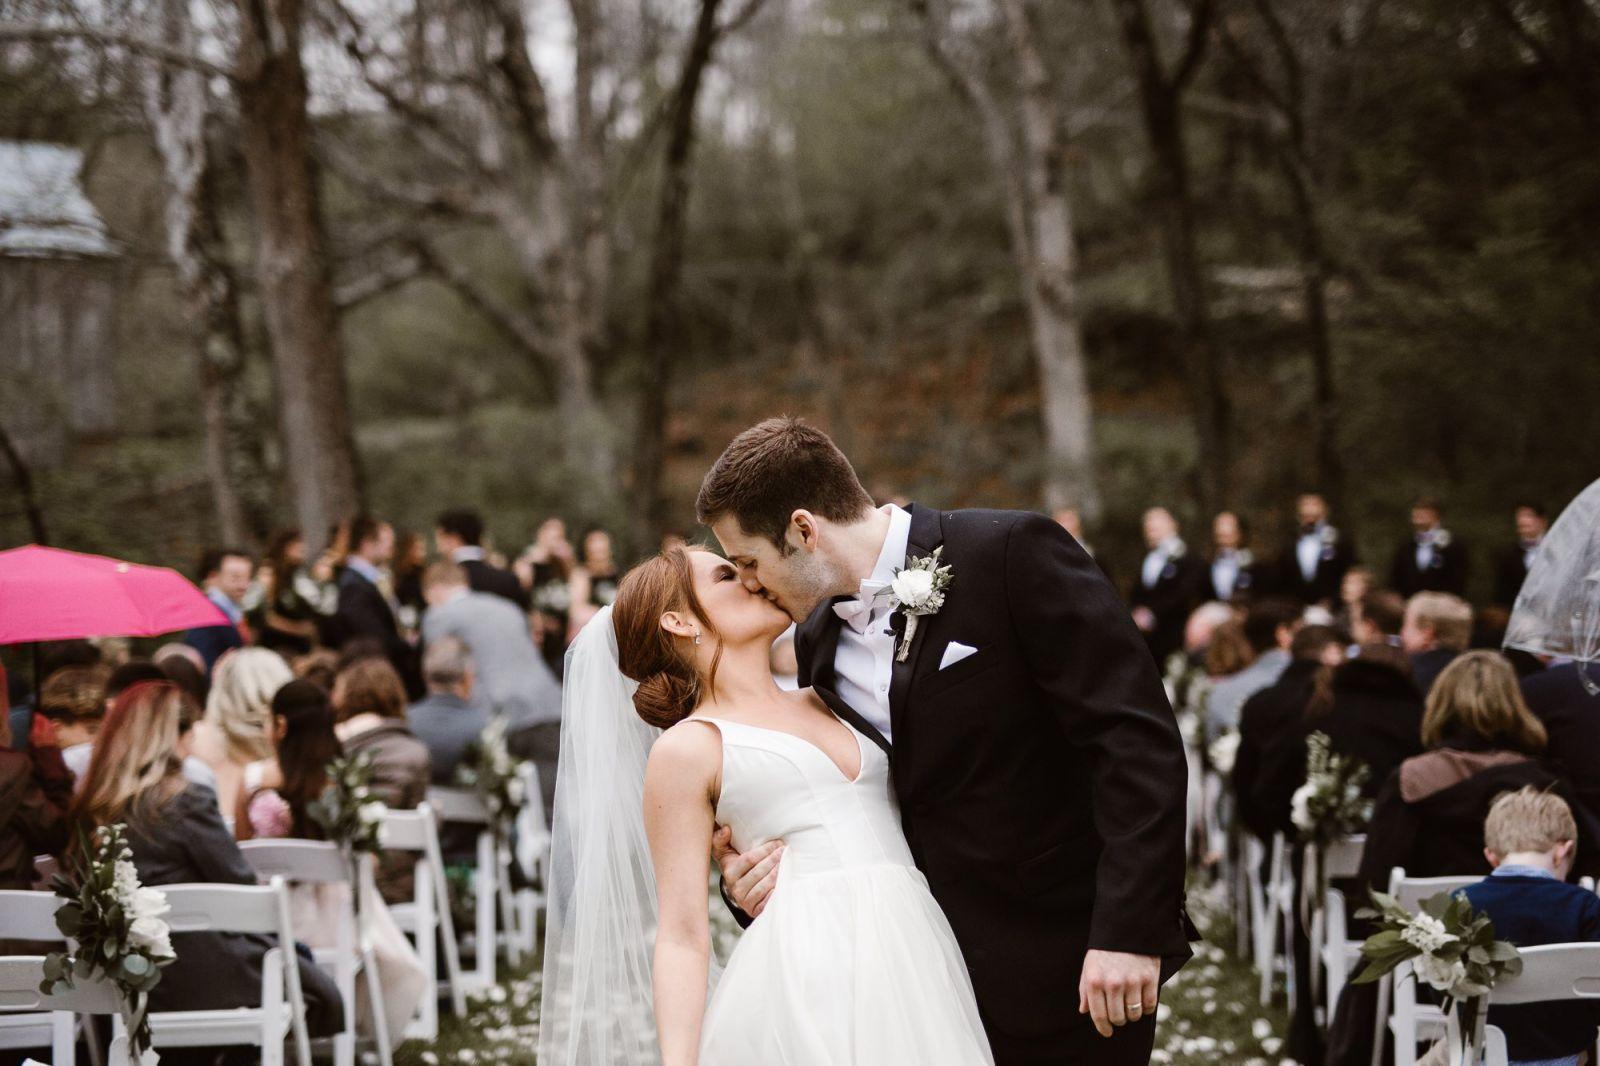 Bangs & Blush | Smoky Mountain Wedding Collective 1